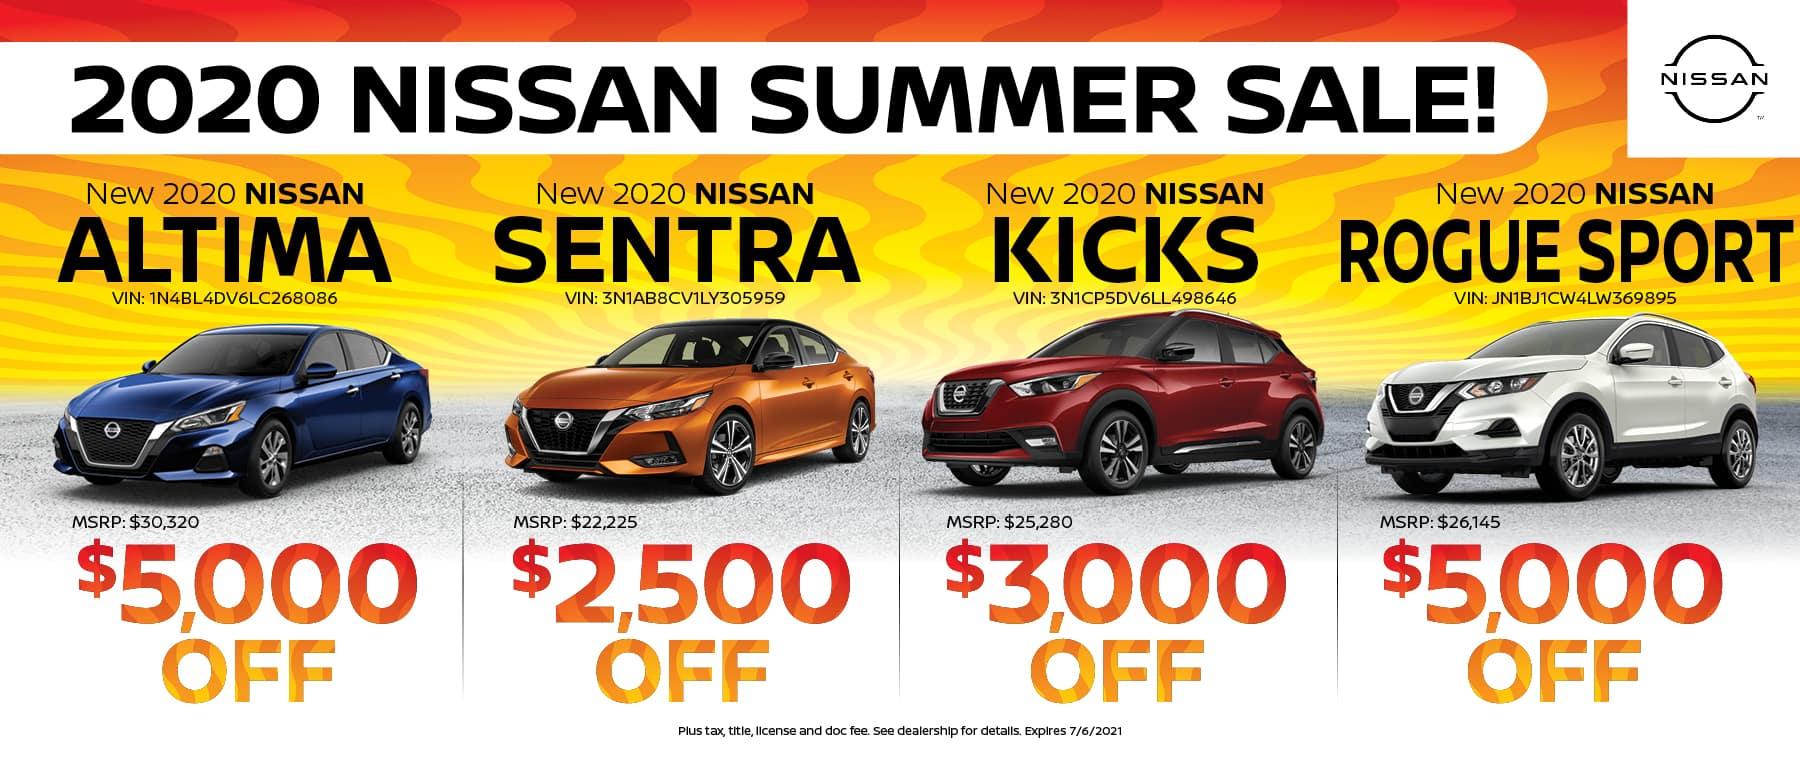 2020 Nissan Summer Sale